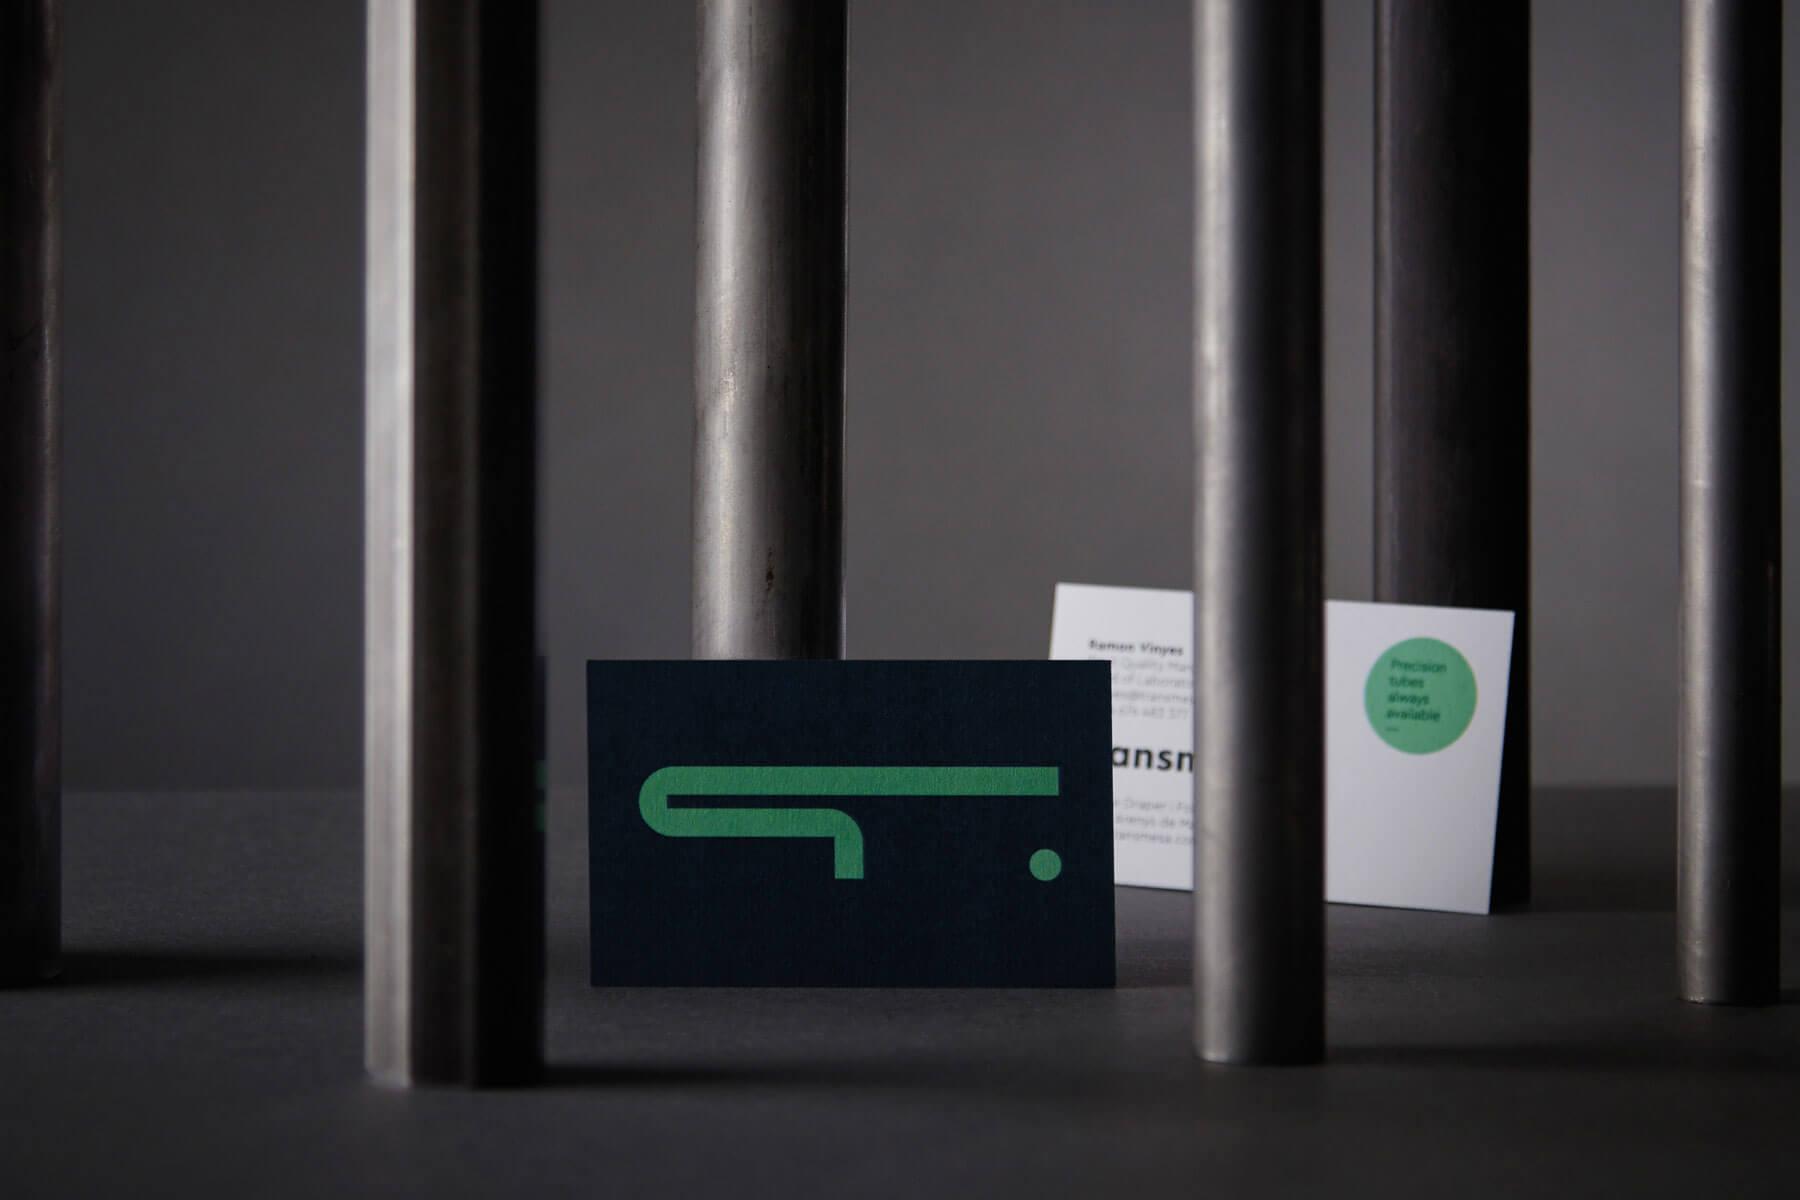 Identidad corporativa diseño de logotipo papereria branding estrategia valores de marca